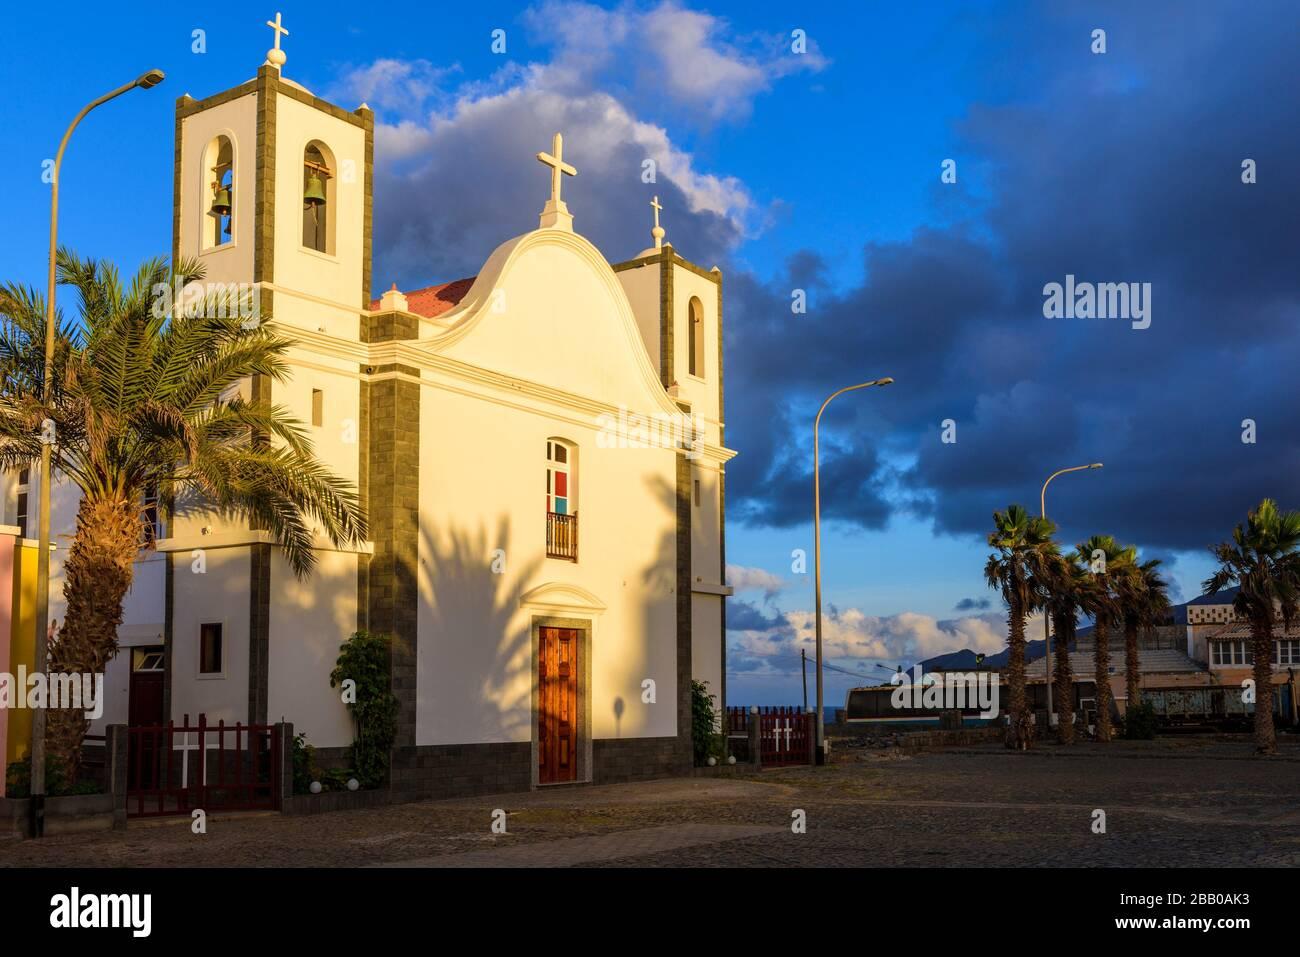 Iglesia de nuestra Señora de la Liberación, Pueblo Ponta do Sol, municipio Ribeira Grande, Santo Antao, Islas Cabo Verde, África. Foto de stock